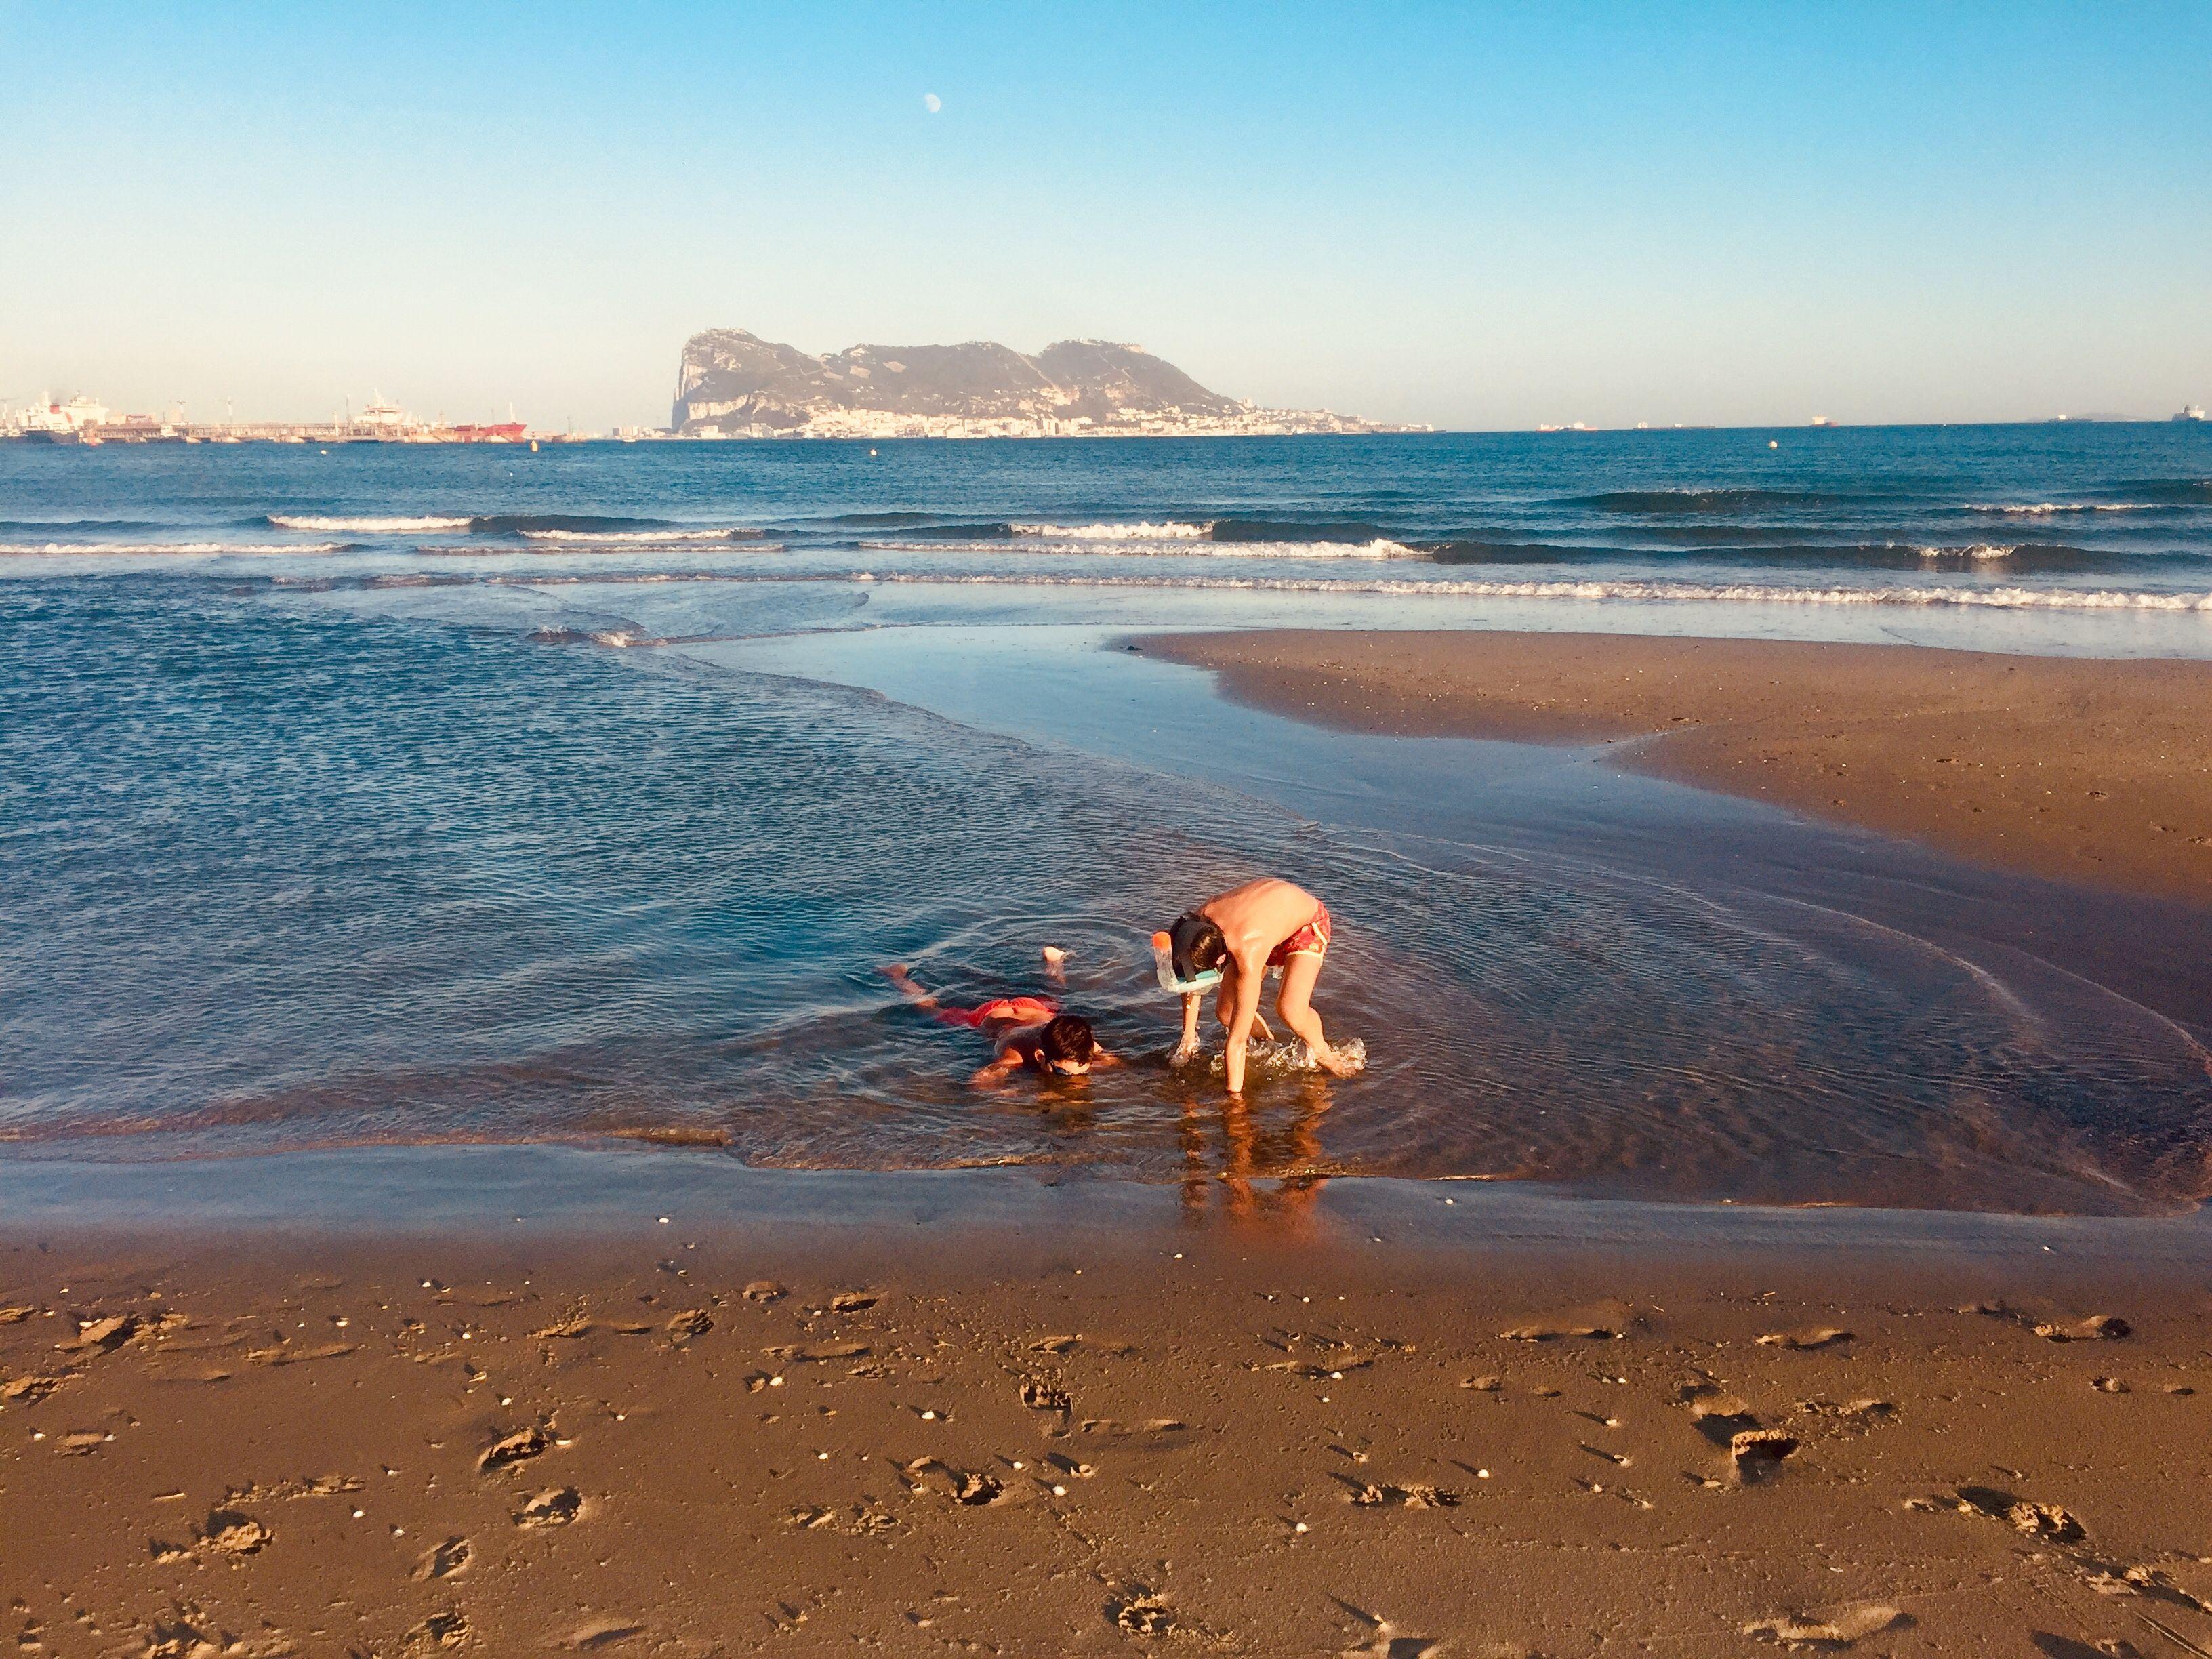 A la Riba Guadarranque, San Roque, Cádiz#Lidia Quesada Cruz 291